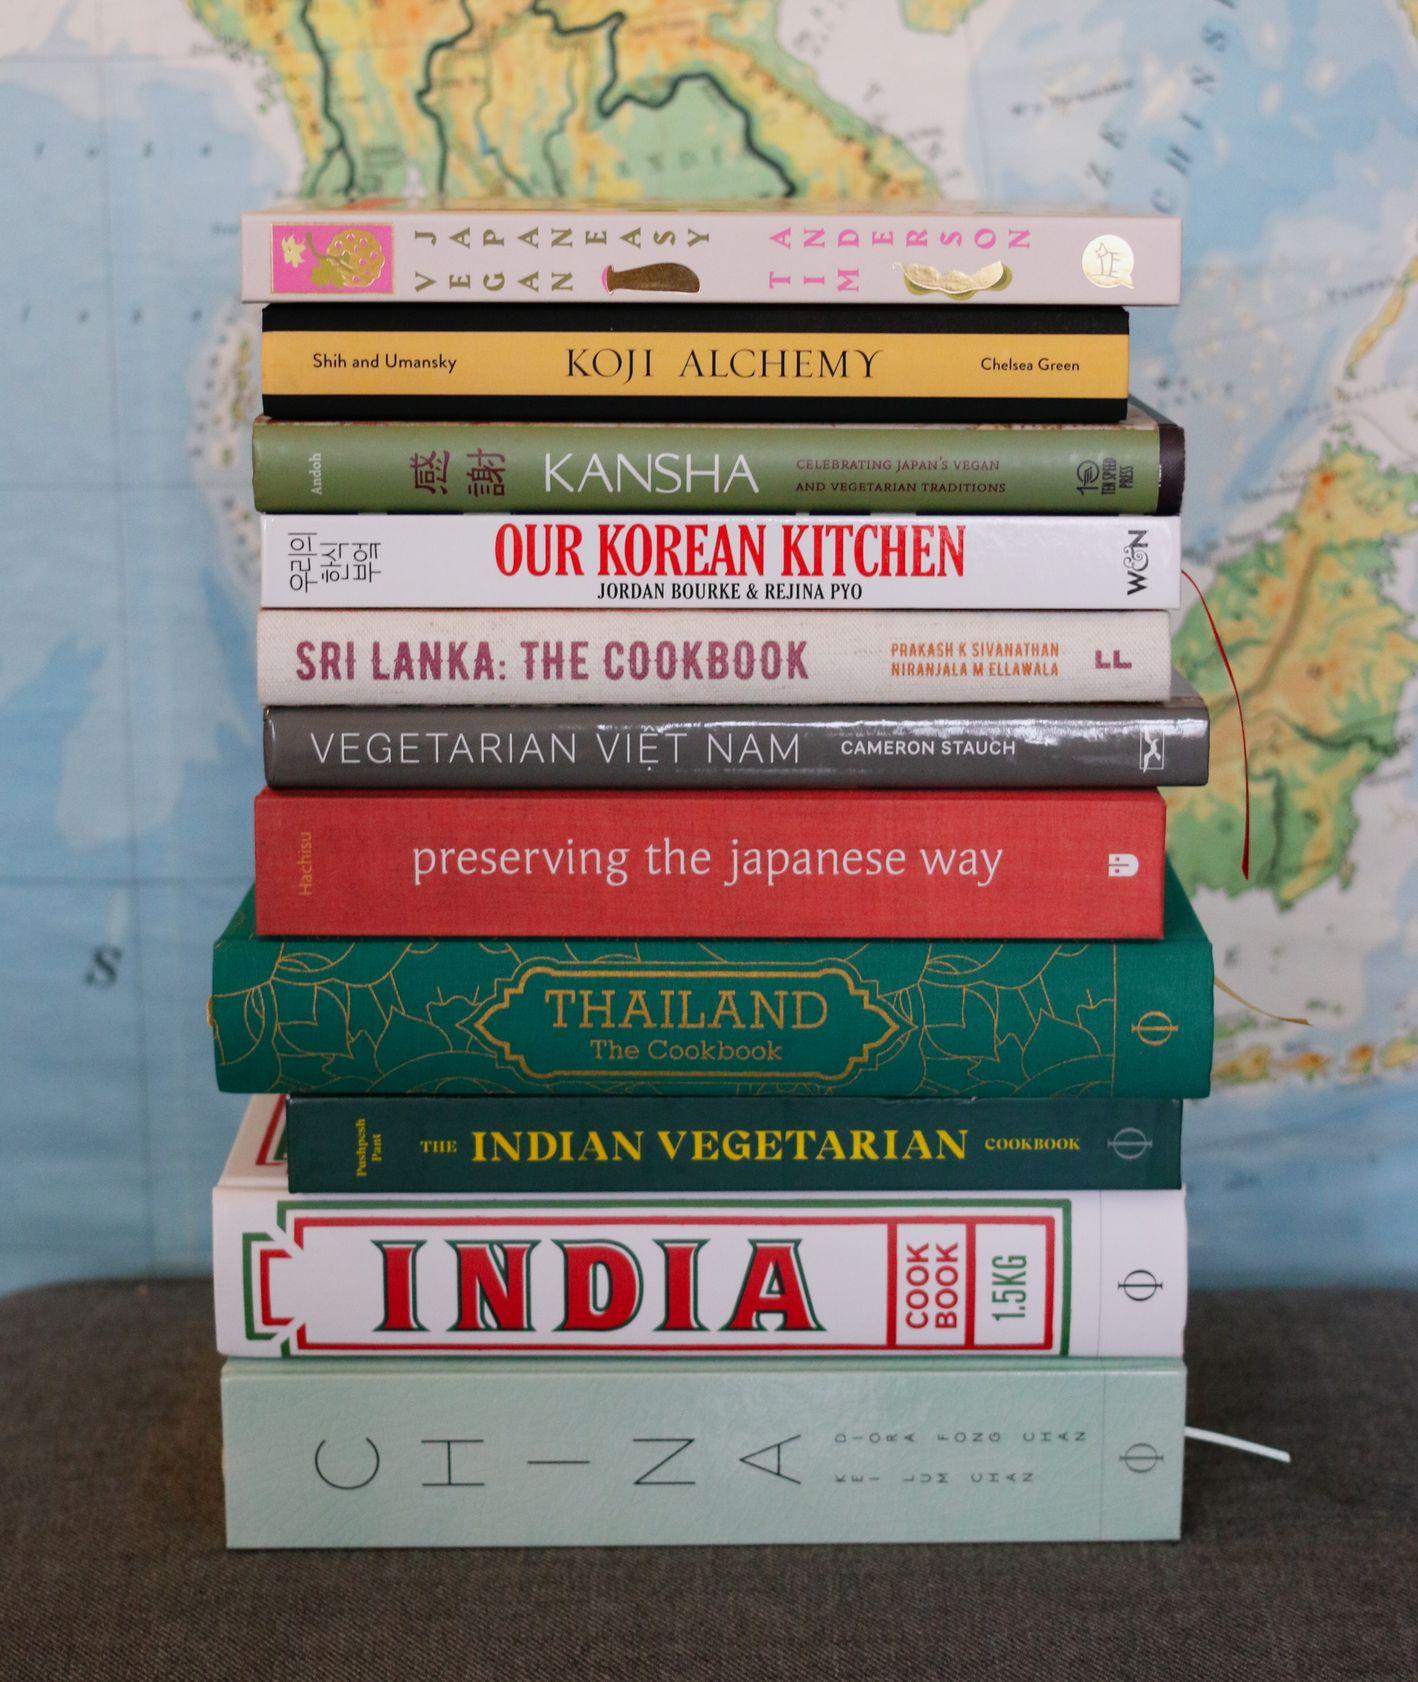 Wybór najlepszych książek z przepisami kuchni azjatyckiej – Indie, Korea, Chiny, Japonia (fot. Tajfuny)